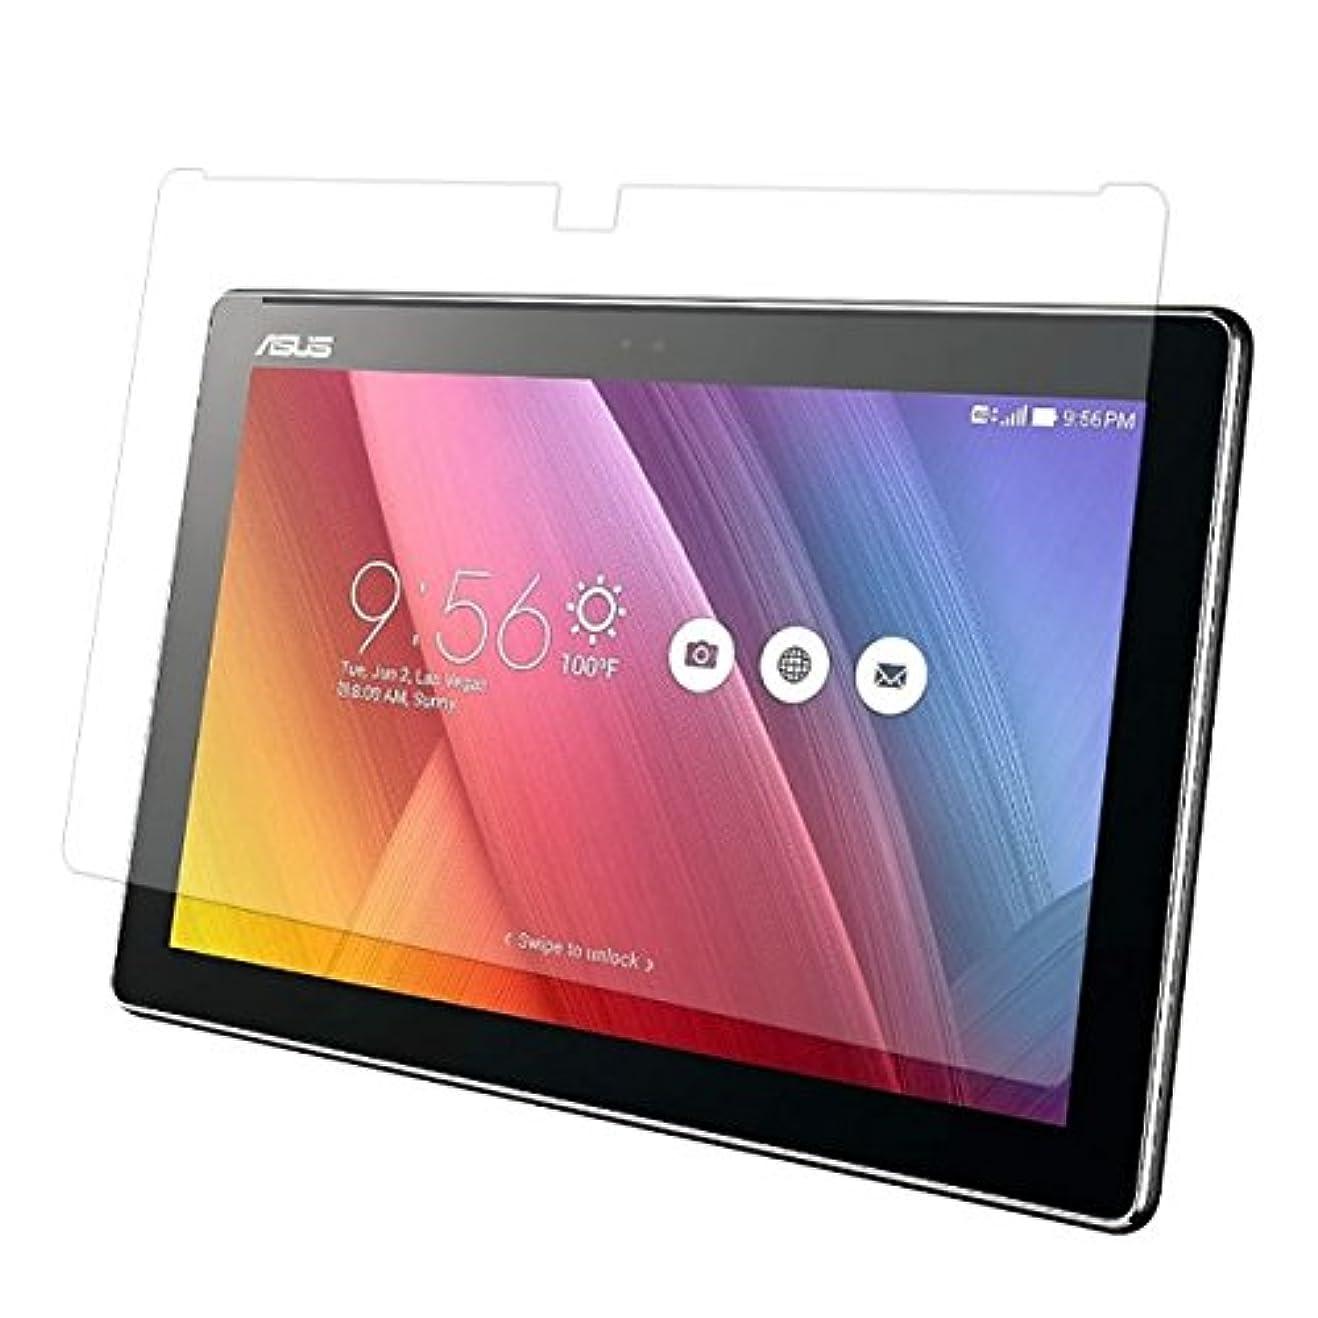 タフアドバンテージワットASUS ZenPad 10 (Z300C) 10.1?????????用 液晶保護フィルム  反射防止(マット)タイプ